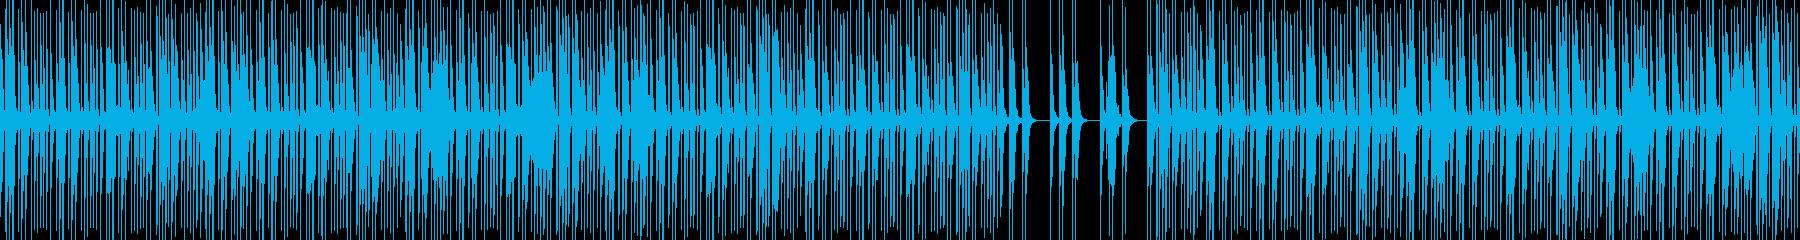 怪しく忍び込む時やイタズラなどの場面にの再生済みの波形